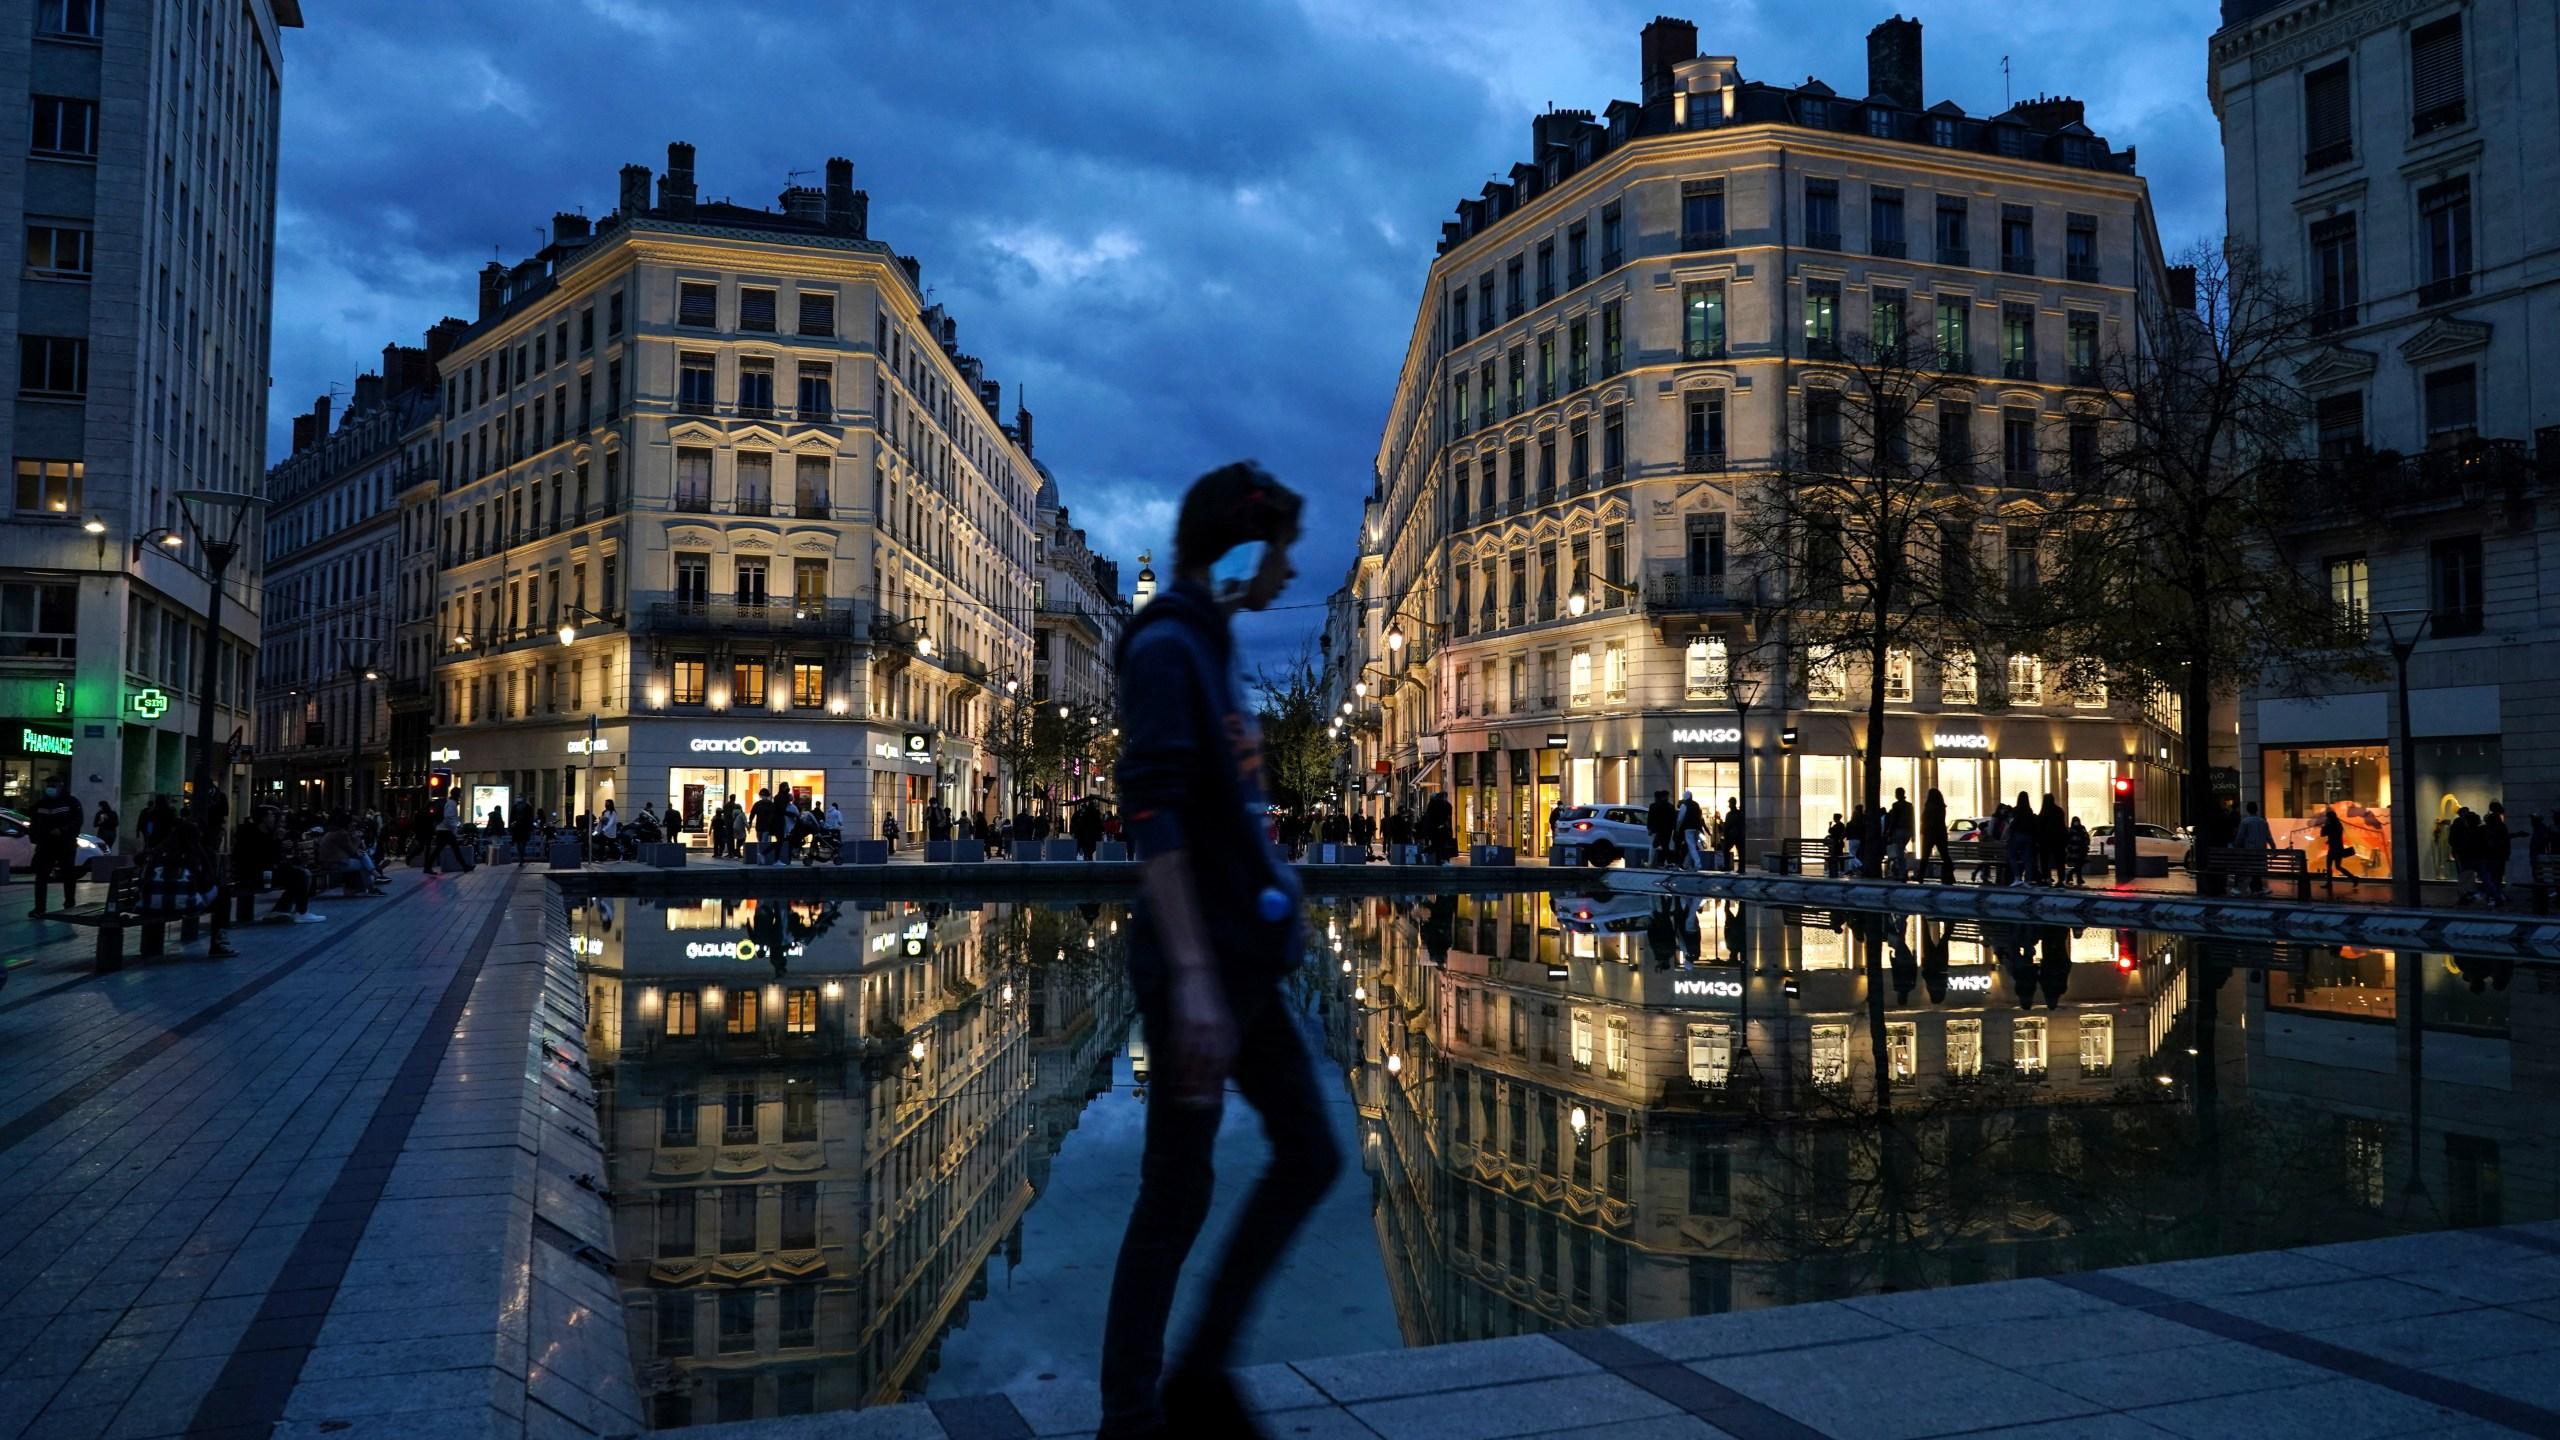 France braces for monthlong lockdown as virus deaths mount – CBS17.com